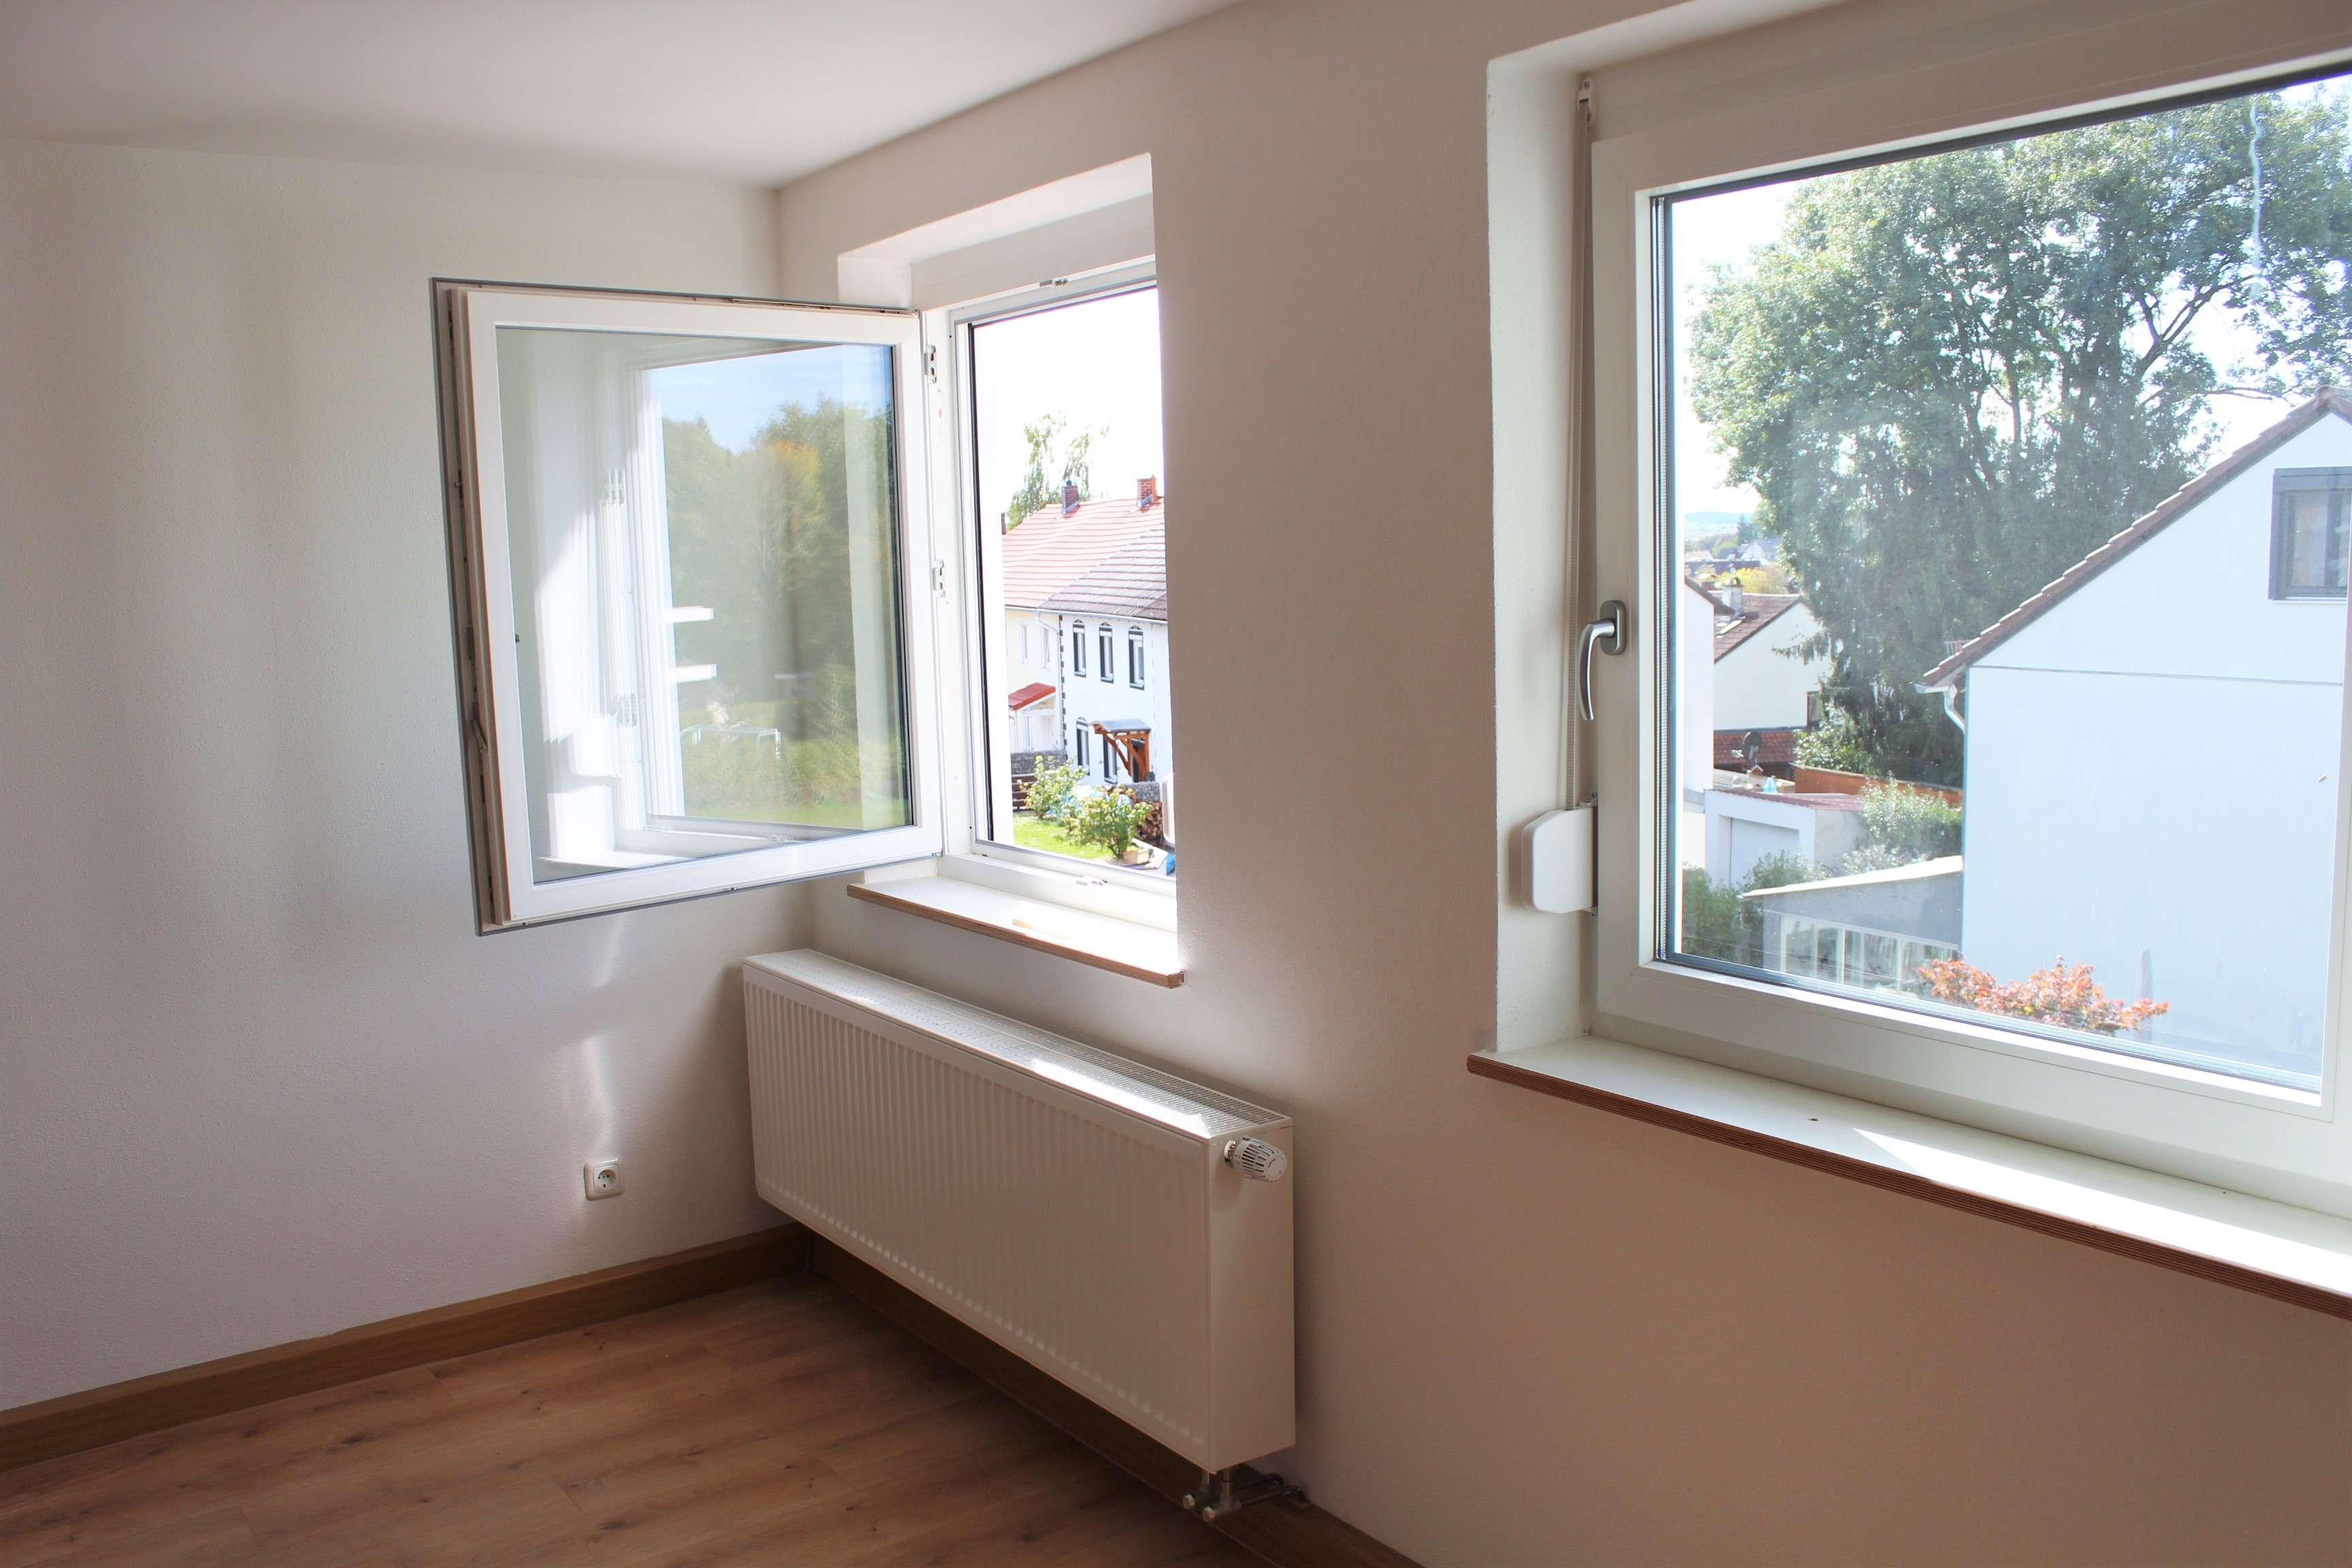 2 renovierte Wohnungen - sehr schöne und ruhige Lage in Eggenfelden